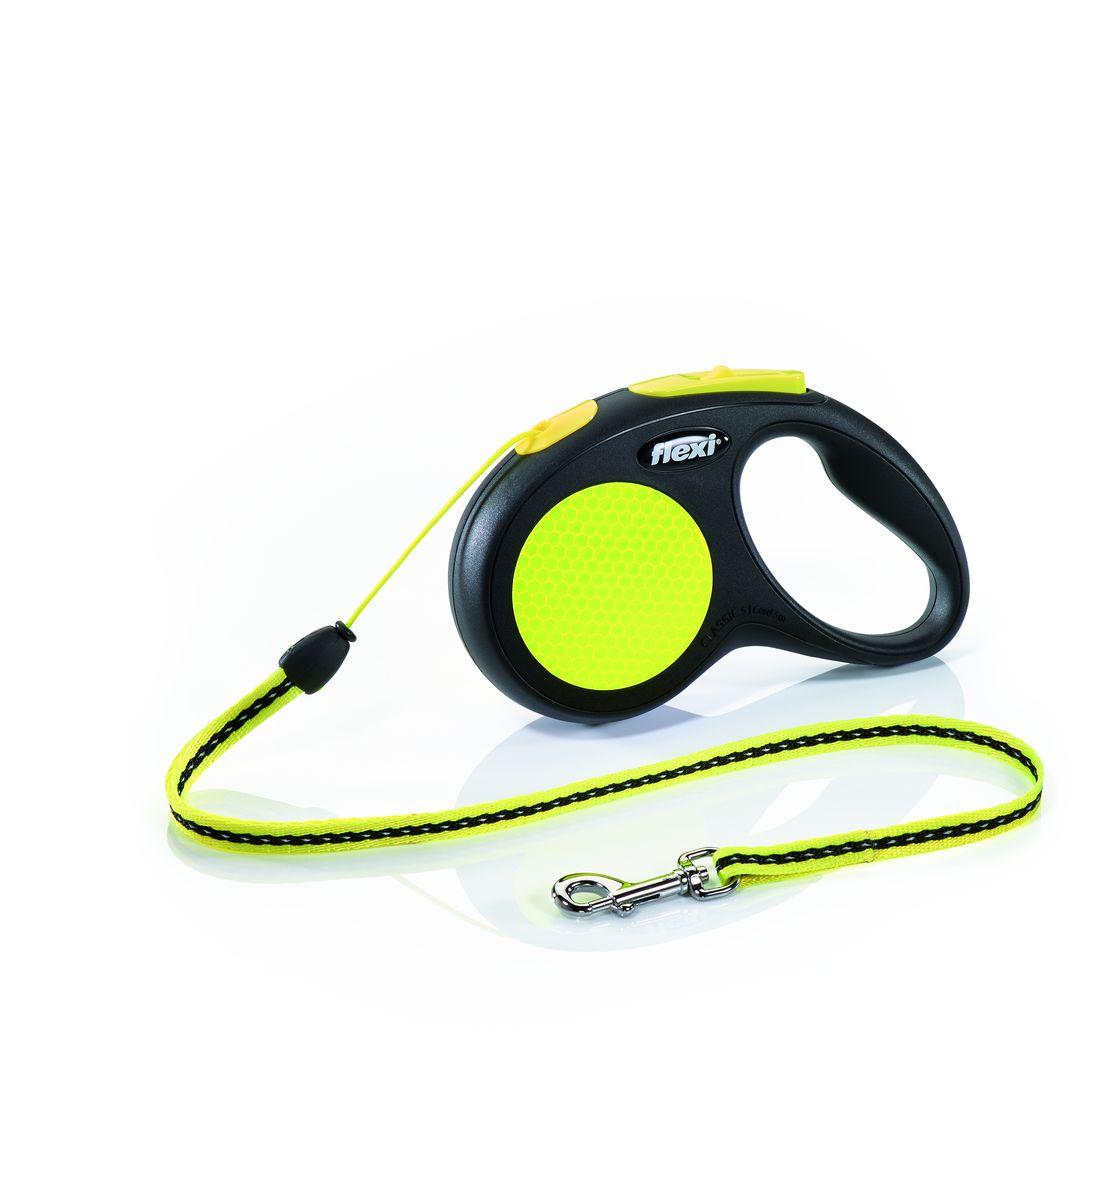 Поводок-рулетка Flexi Neon New Classic S, трос, для собак весом до 12 кг, 5 м25215Тросовый поводок-рулетка предназначен для выгула собак весом до 12 кг. Рулетки flexi производятся в Германии более 40 лет и особое внимание уделяется обеспечению безопасности и комфорта использования: - обновленная эргономичная кнопка системы торможения - запатентованная тормозная система- надежный карабин - светоотражающая наклейка на корпусе рулетки - яркий трос неонового цвета хорошо заметен в сумерки и туман Запатентованая система сматывания и фиксации длины — дополнительное удобство, помогающее контролировать поведение животного. Корпус рулетки выполнен из ударопрочного пластика.